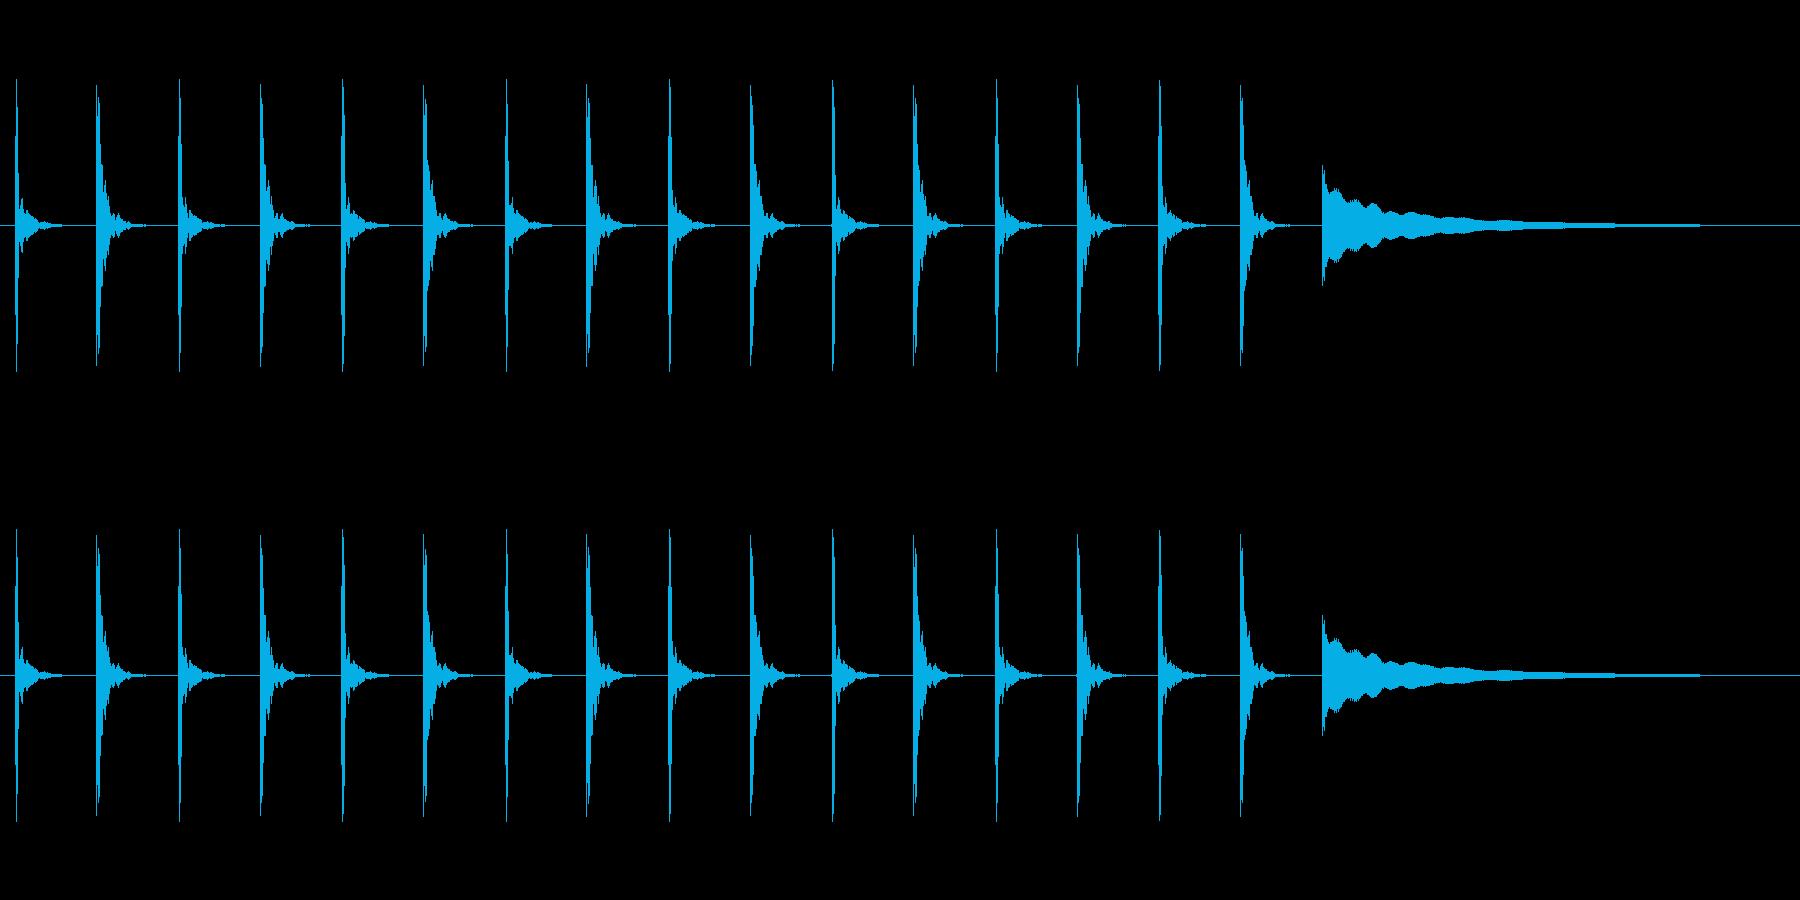 【カウントダウン05-3】の再生済みの波形